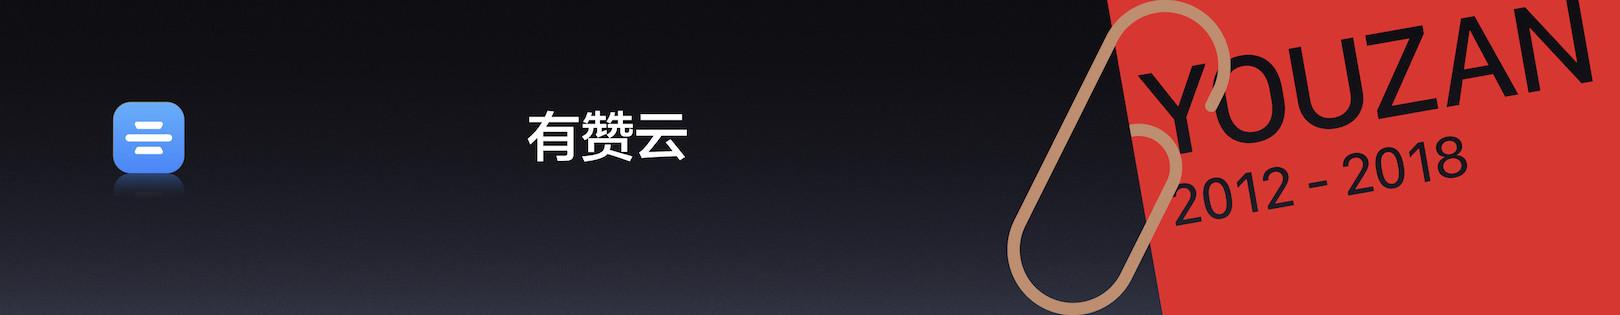 20181127 有赞六周年 - 公开版.047.jpeg